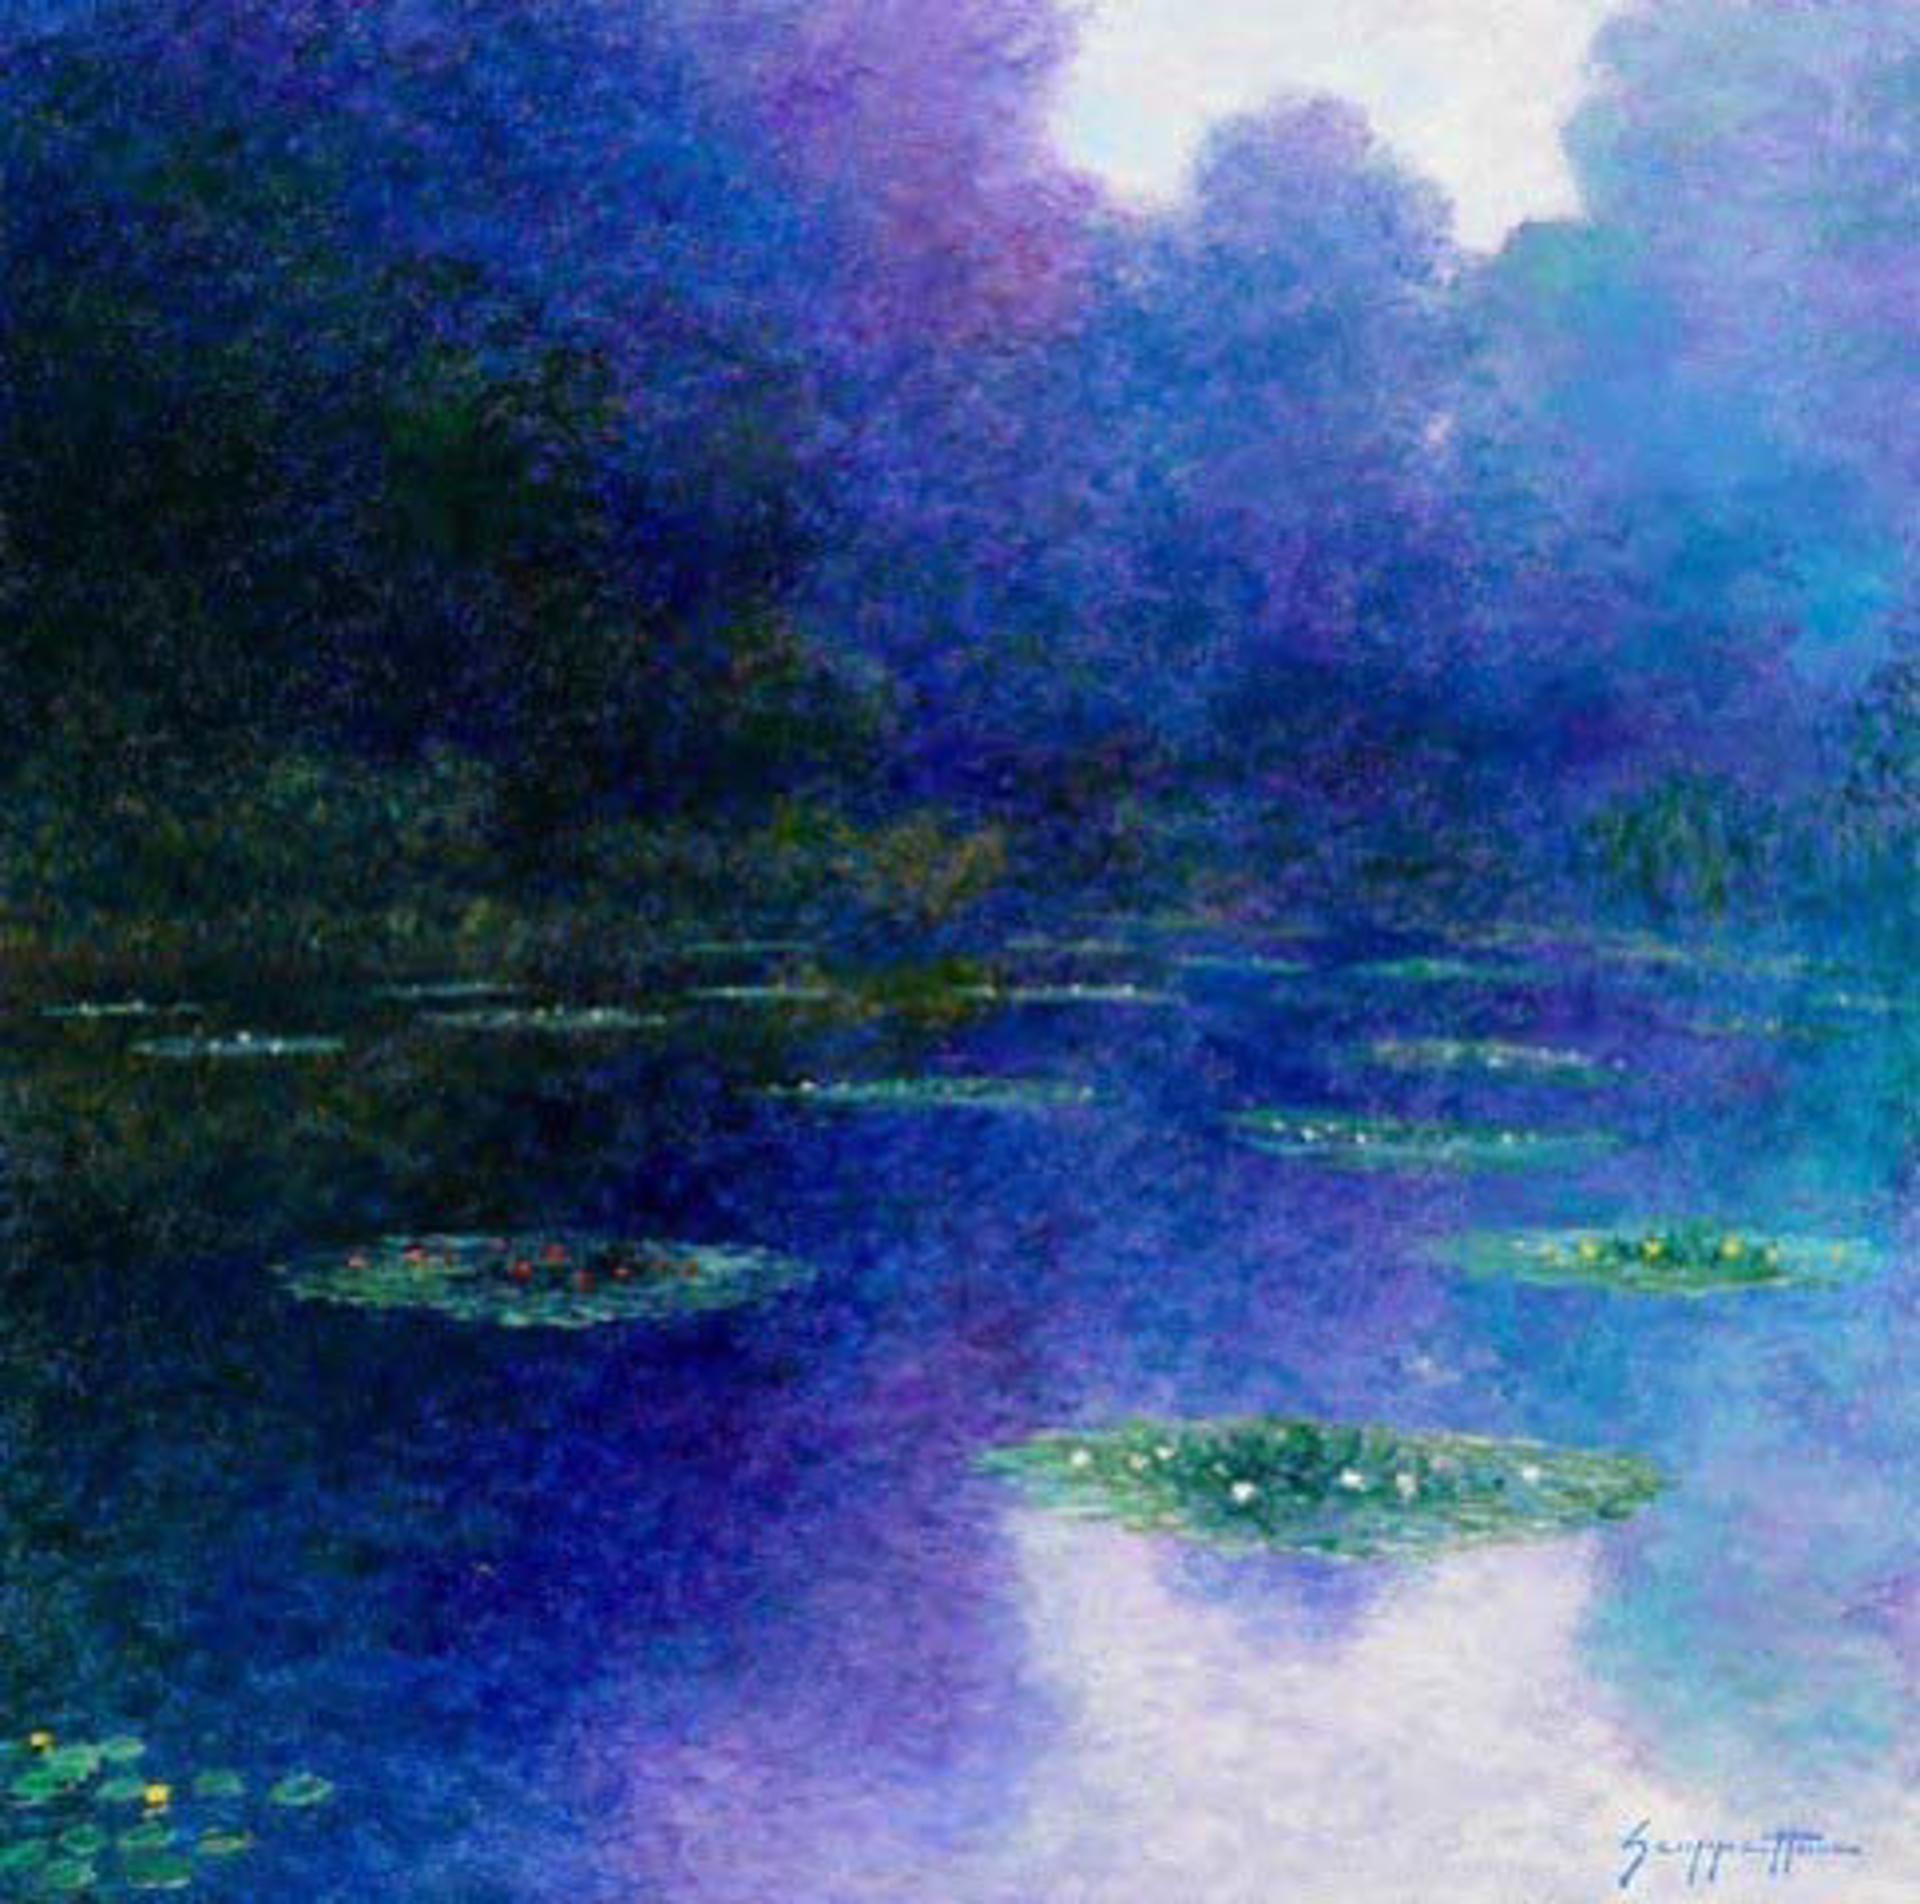 Dreamy Water Garden In Shadow by James Scoppettone